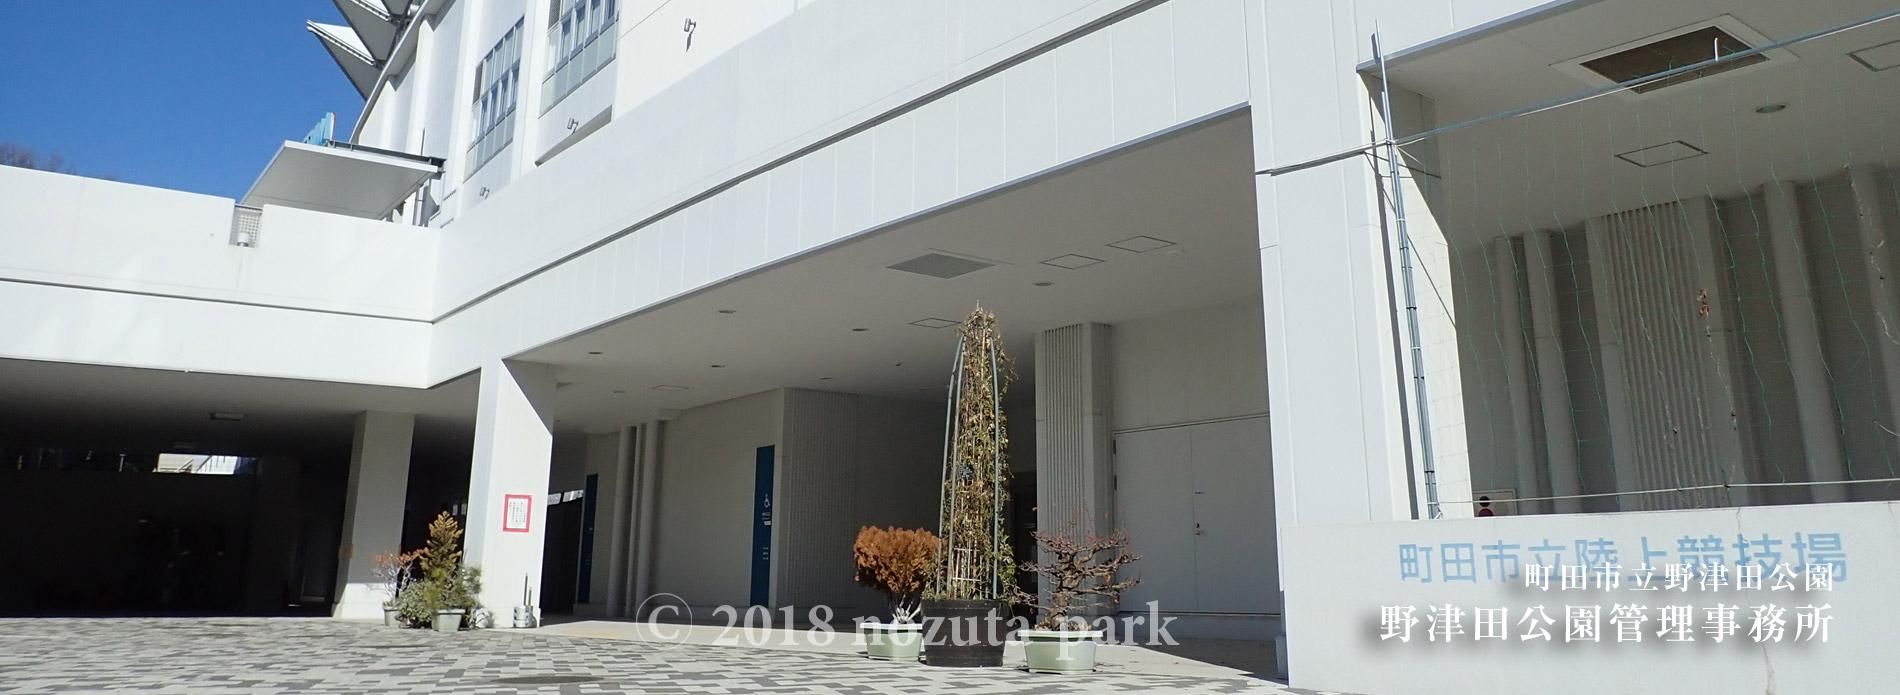 野津田公園管理事務所